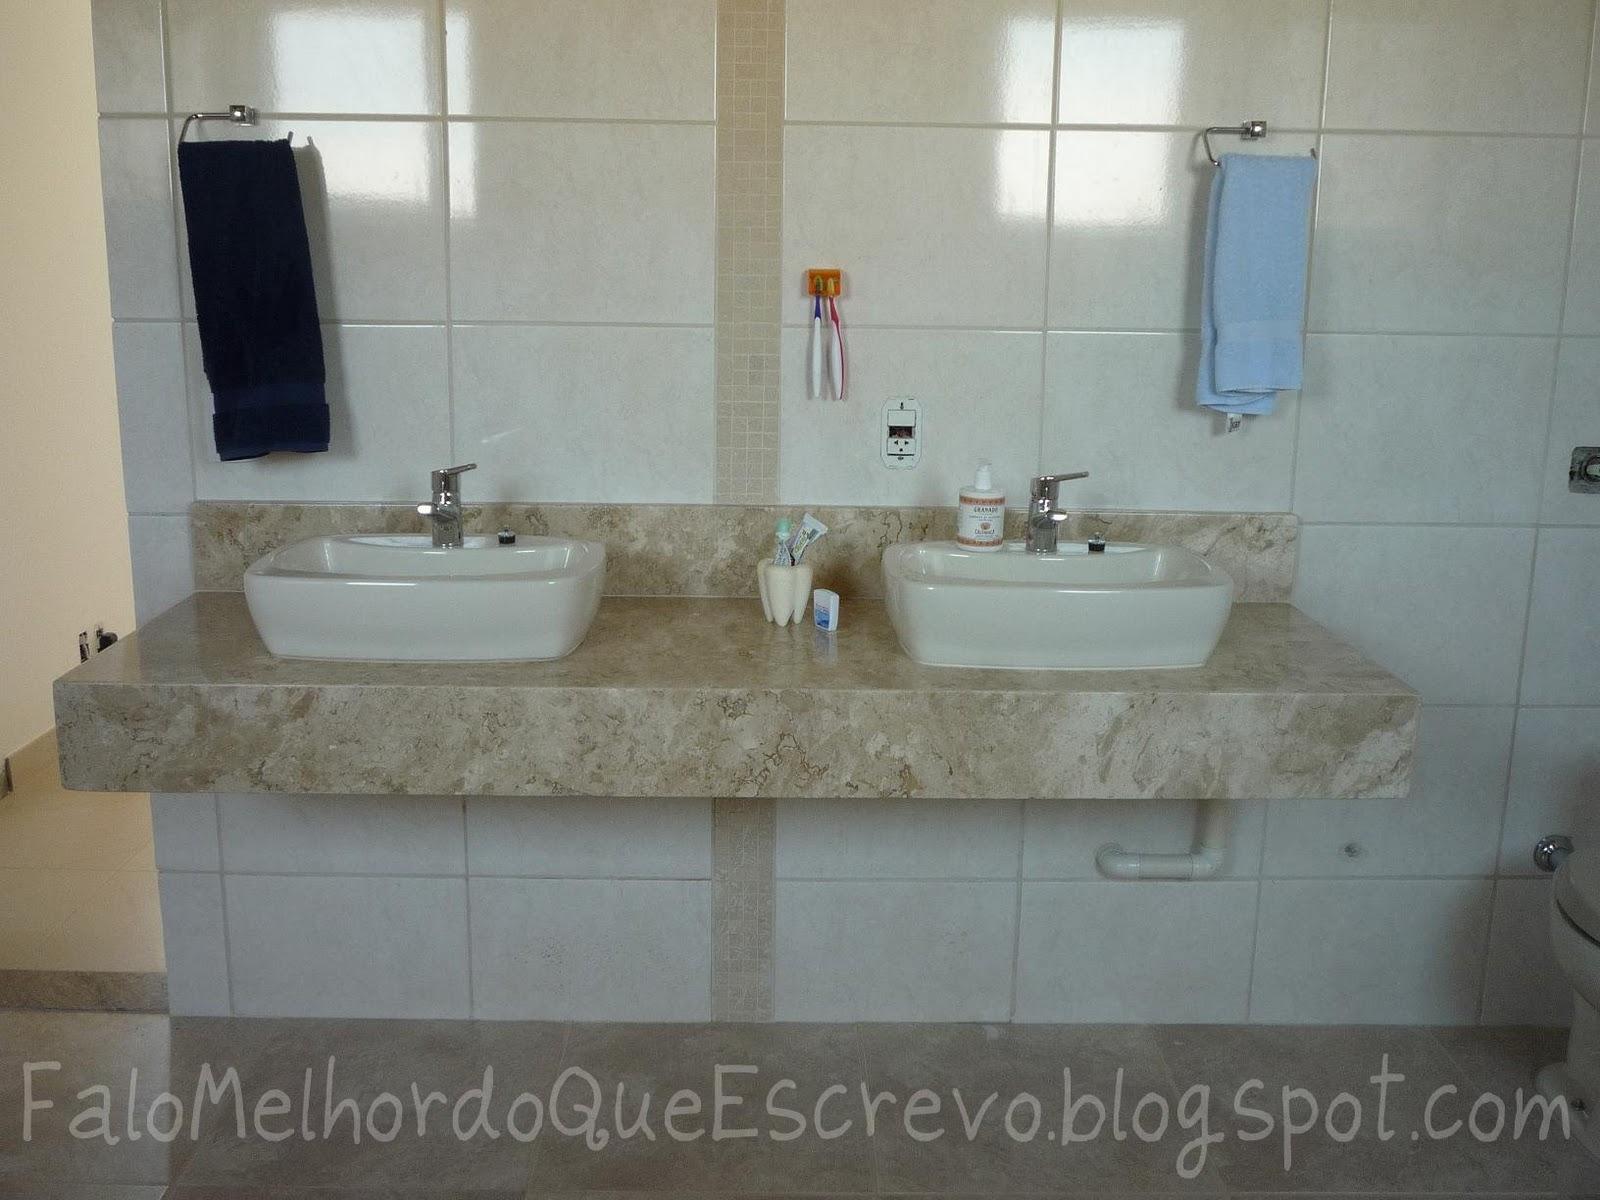 Falo melhor do que escrevo: Espelhos com pastilhas e Selinhos #4B6980 1600x1200 Banheiro Com Pastilhas Como Colocar